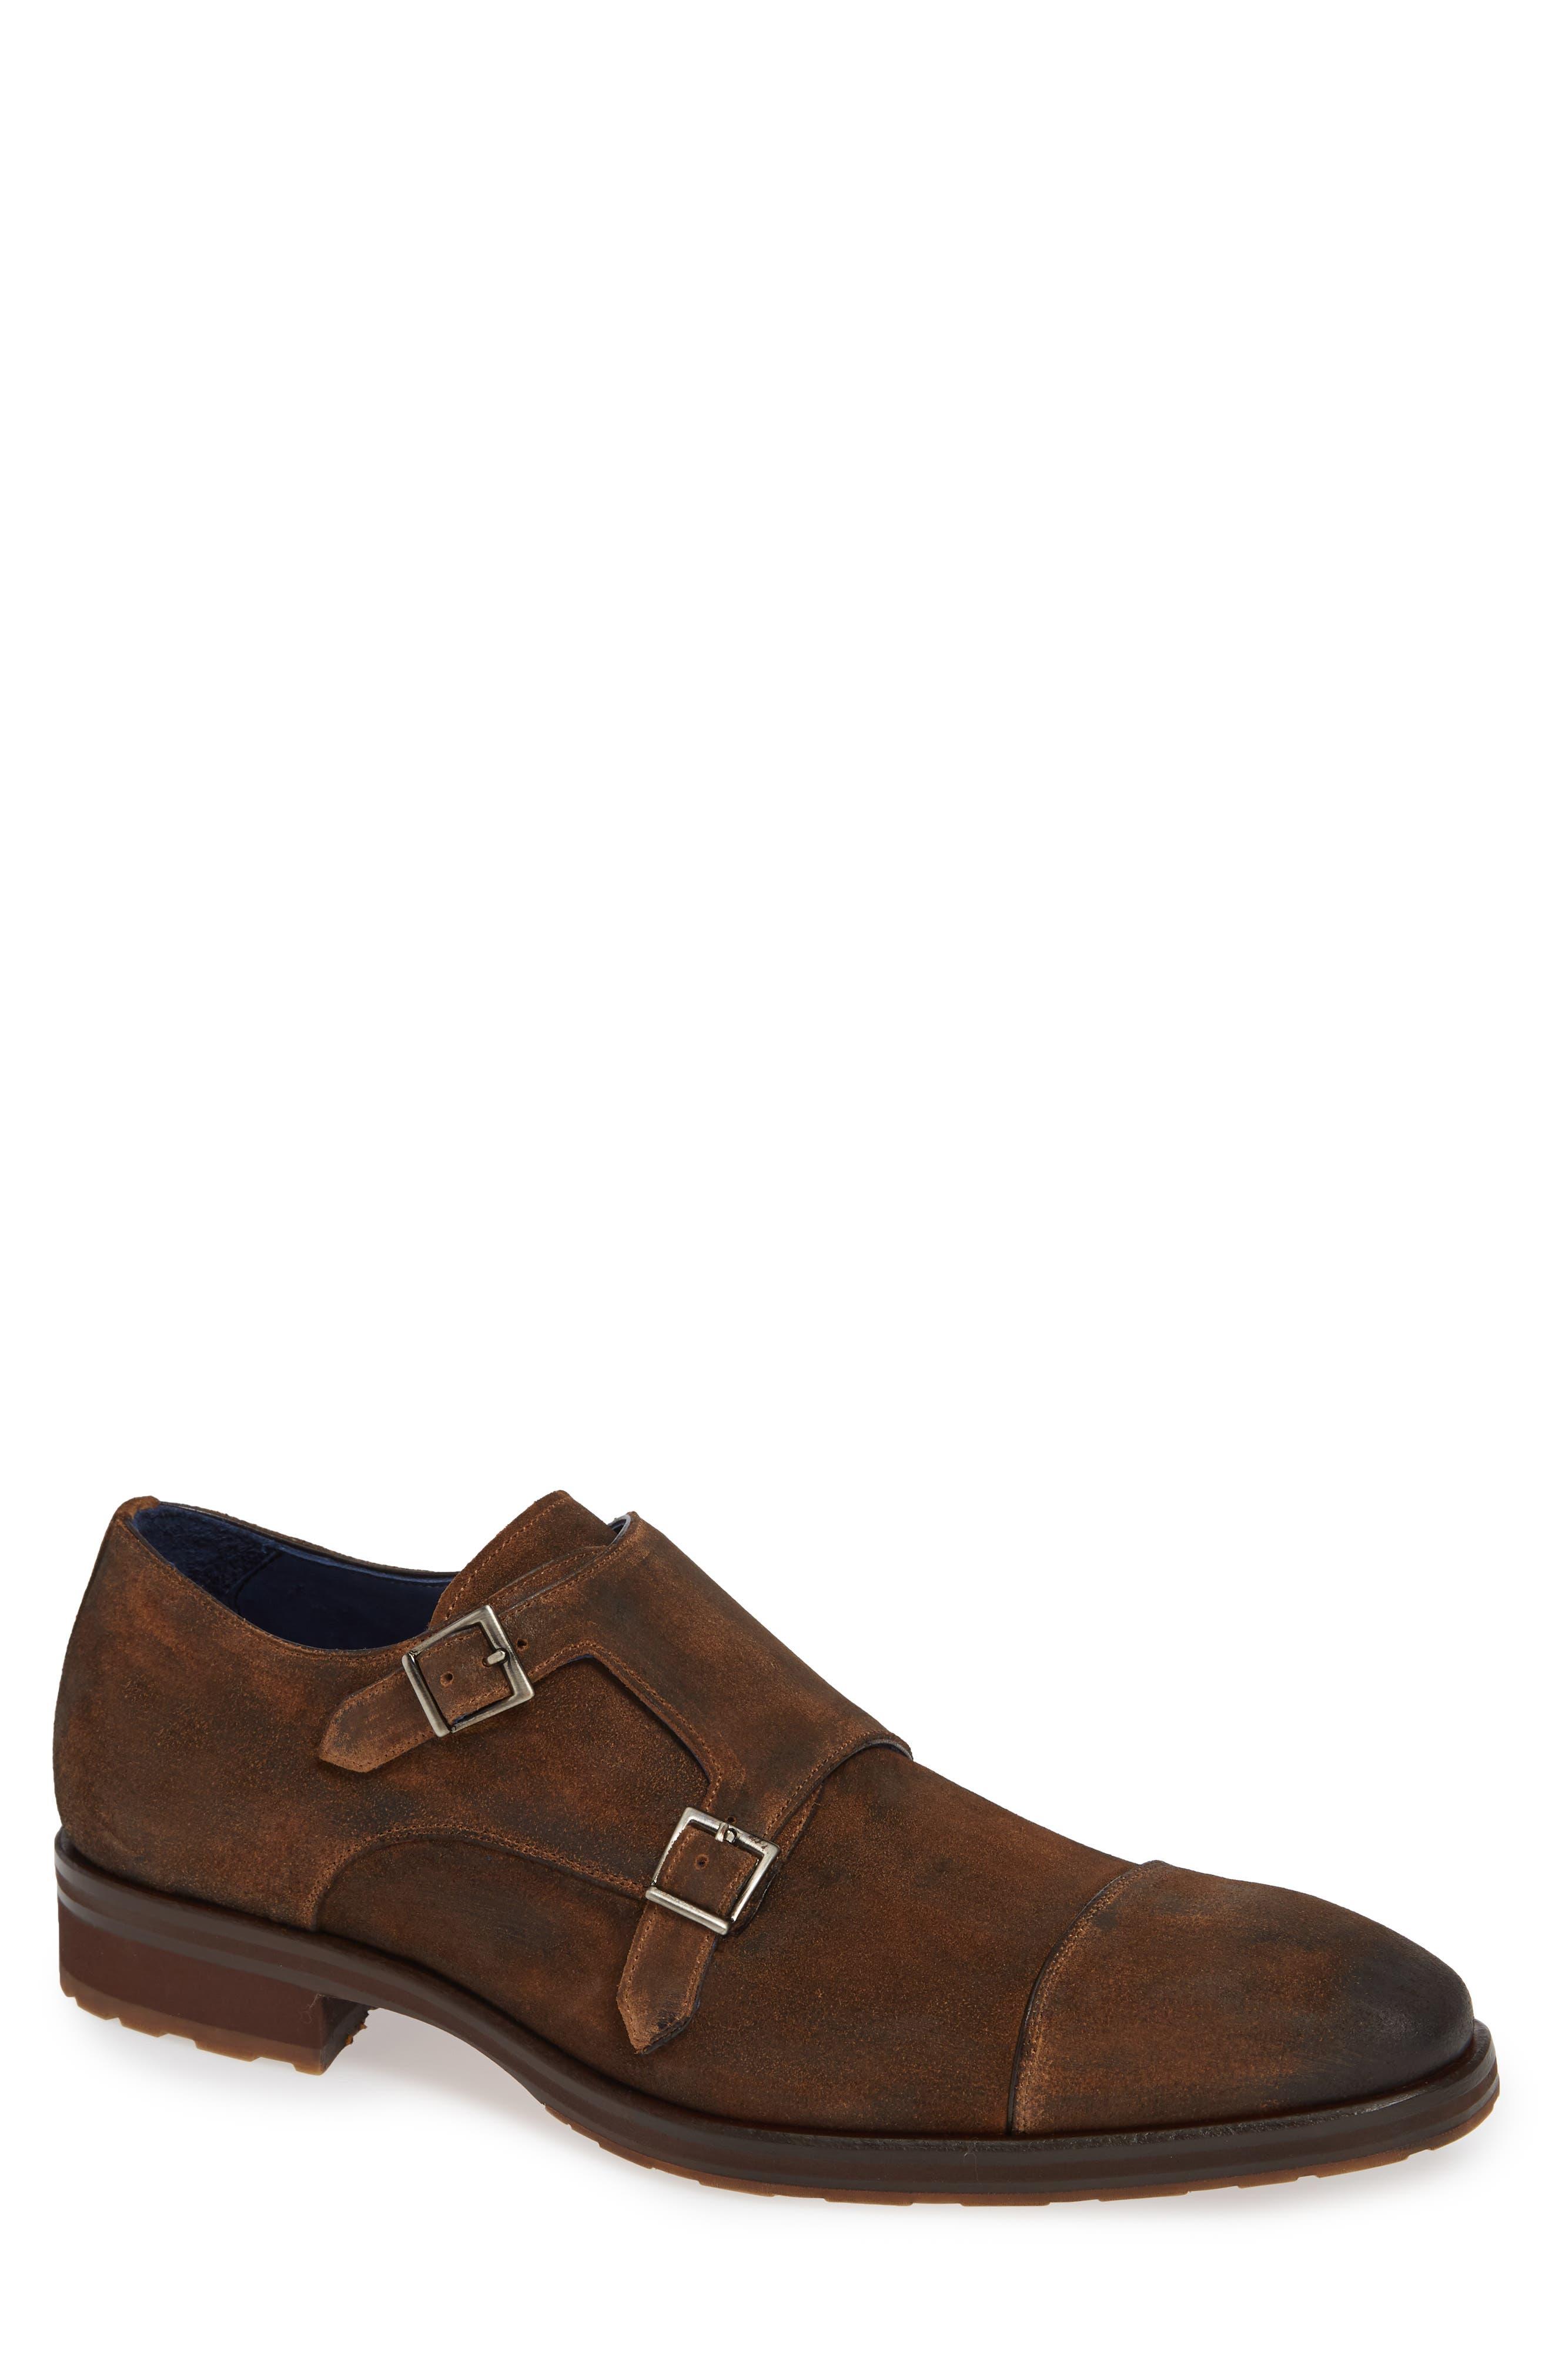 Miguel Double Monk Strap Shoe,                             Main thumbnail 1, color,                             TAN SUEDE